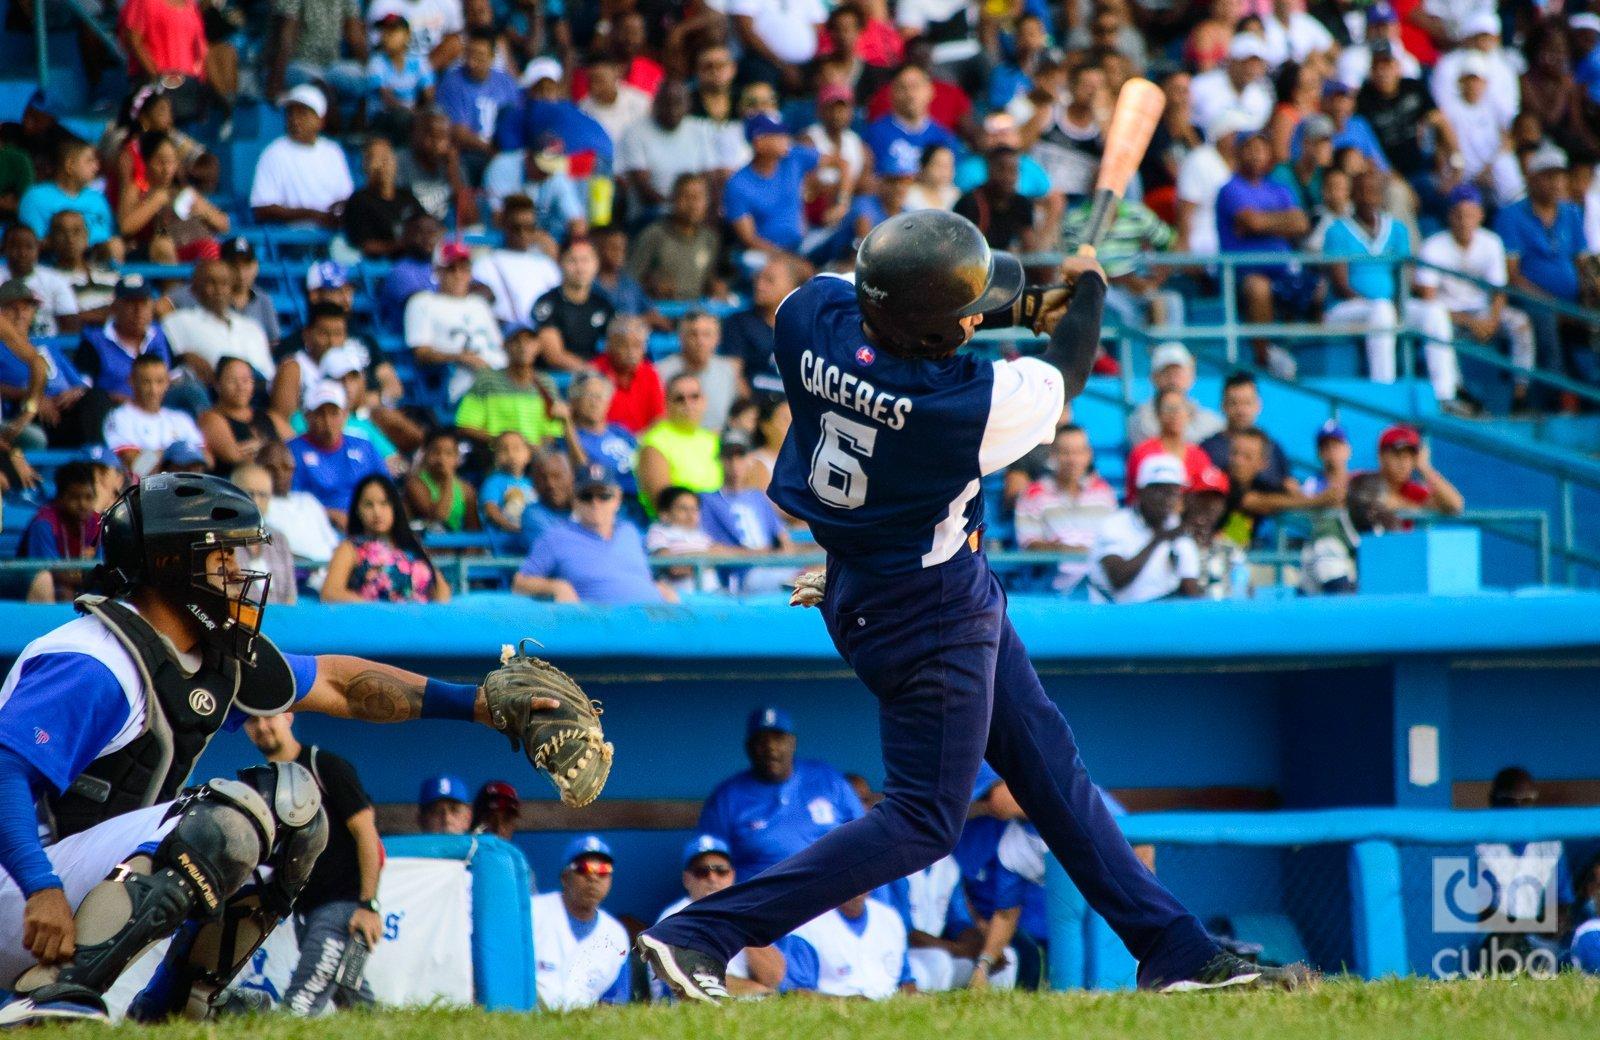 Maikel Cáceres no quiere jugar más pelota en Cuba. Foto: Otmaro Rodríguez / Archivo.